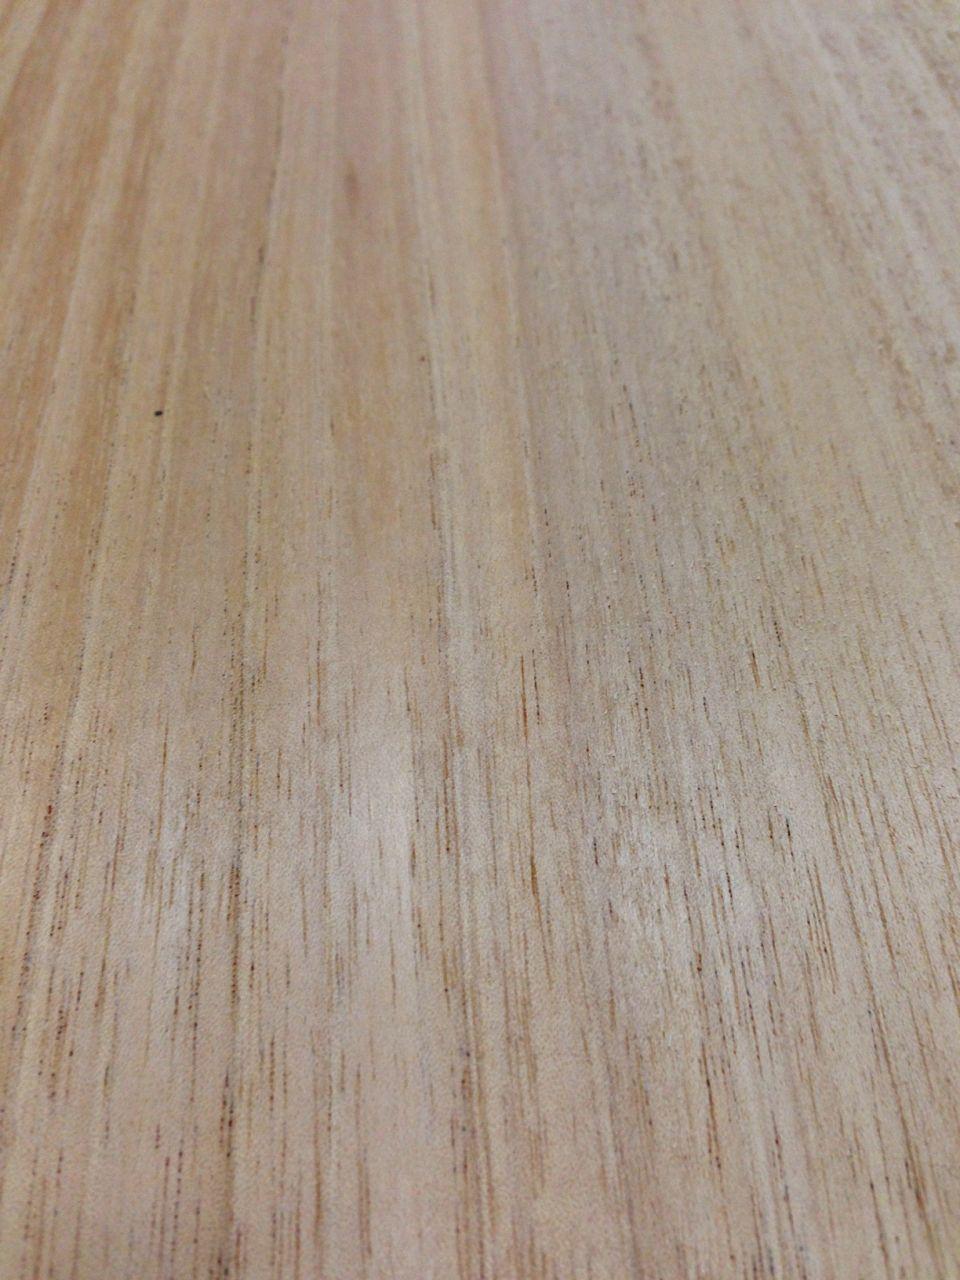 İspanyol Sediri Ağacı 15cmx40cmx8mm